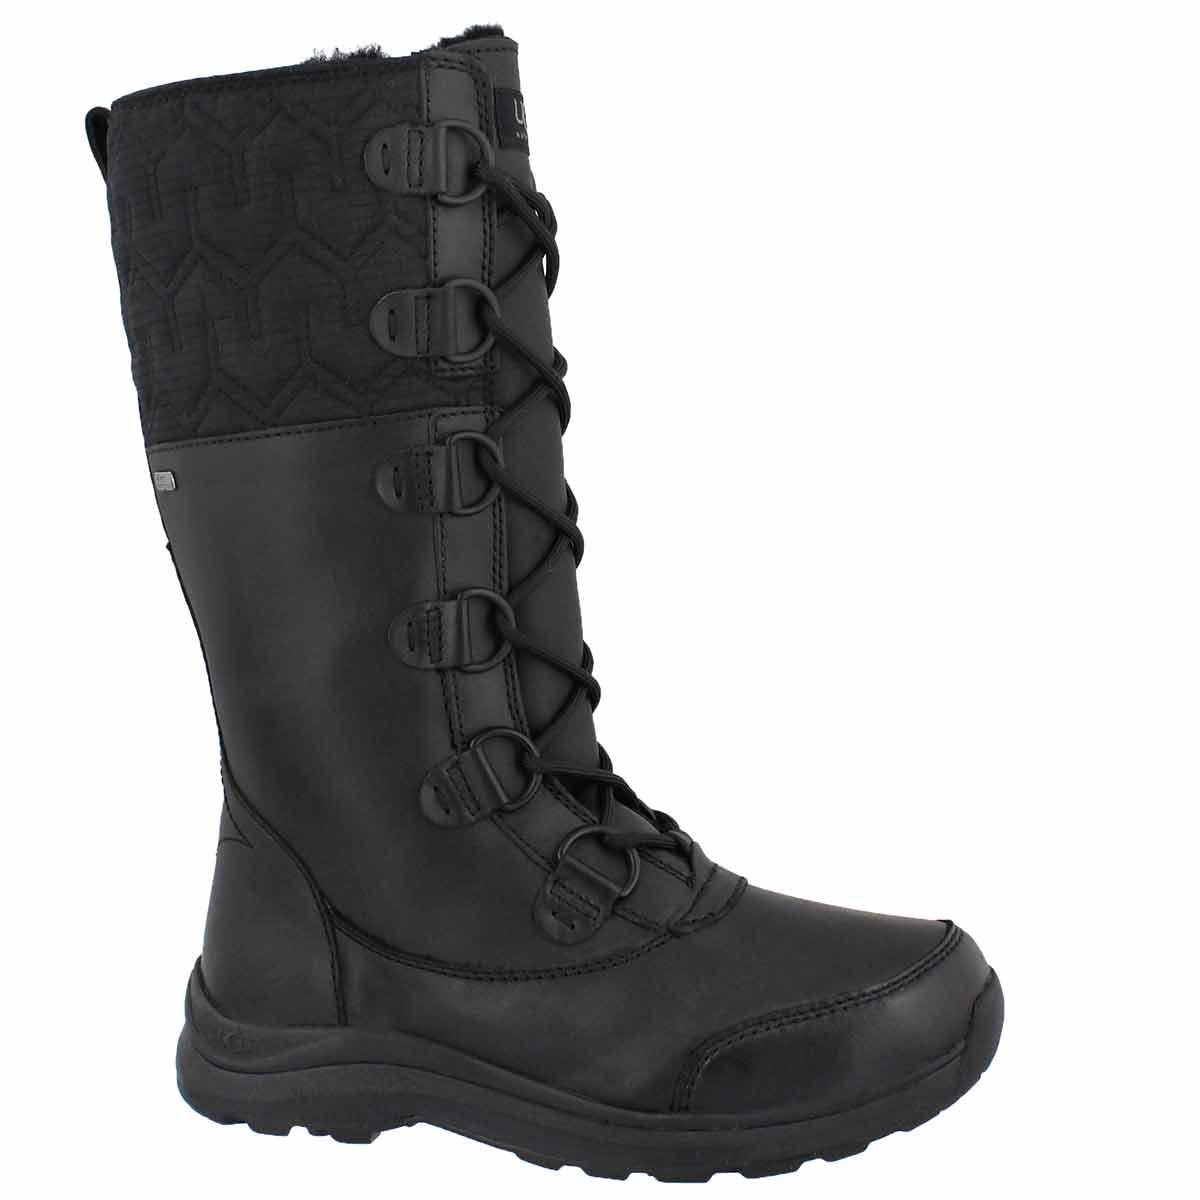 Women's ATLASON black tall waterproof winter boots